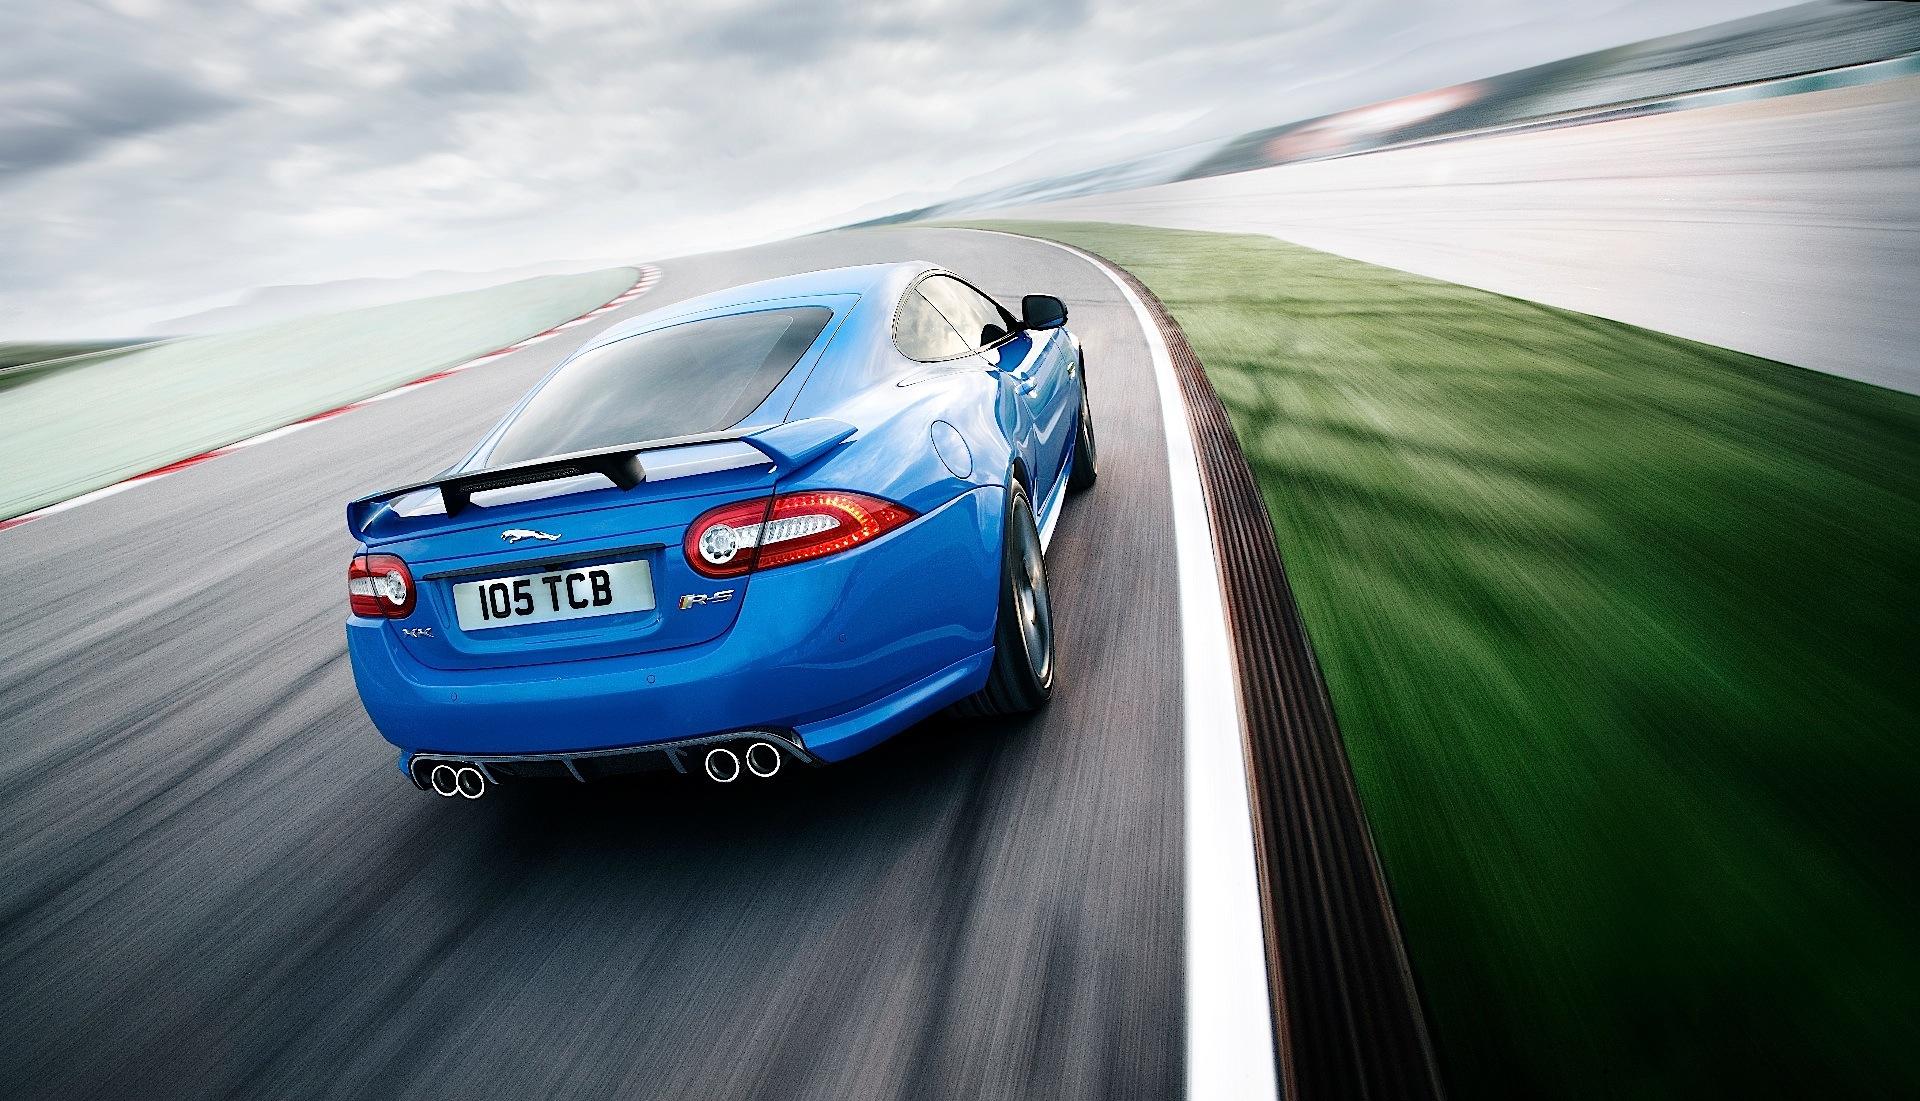 JAGUAR XKRS Specs Autoevolution - 2012 jaguar xkr specs